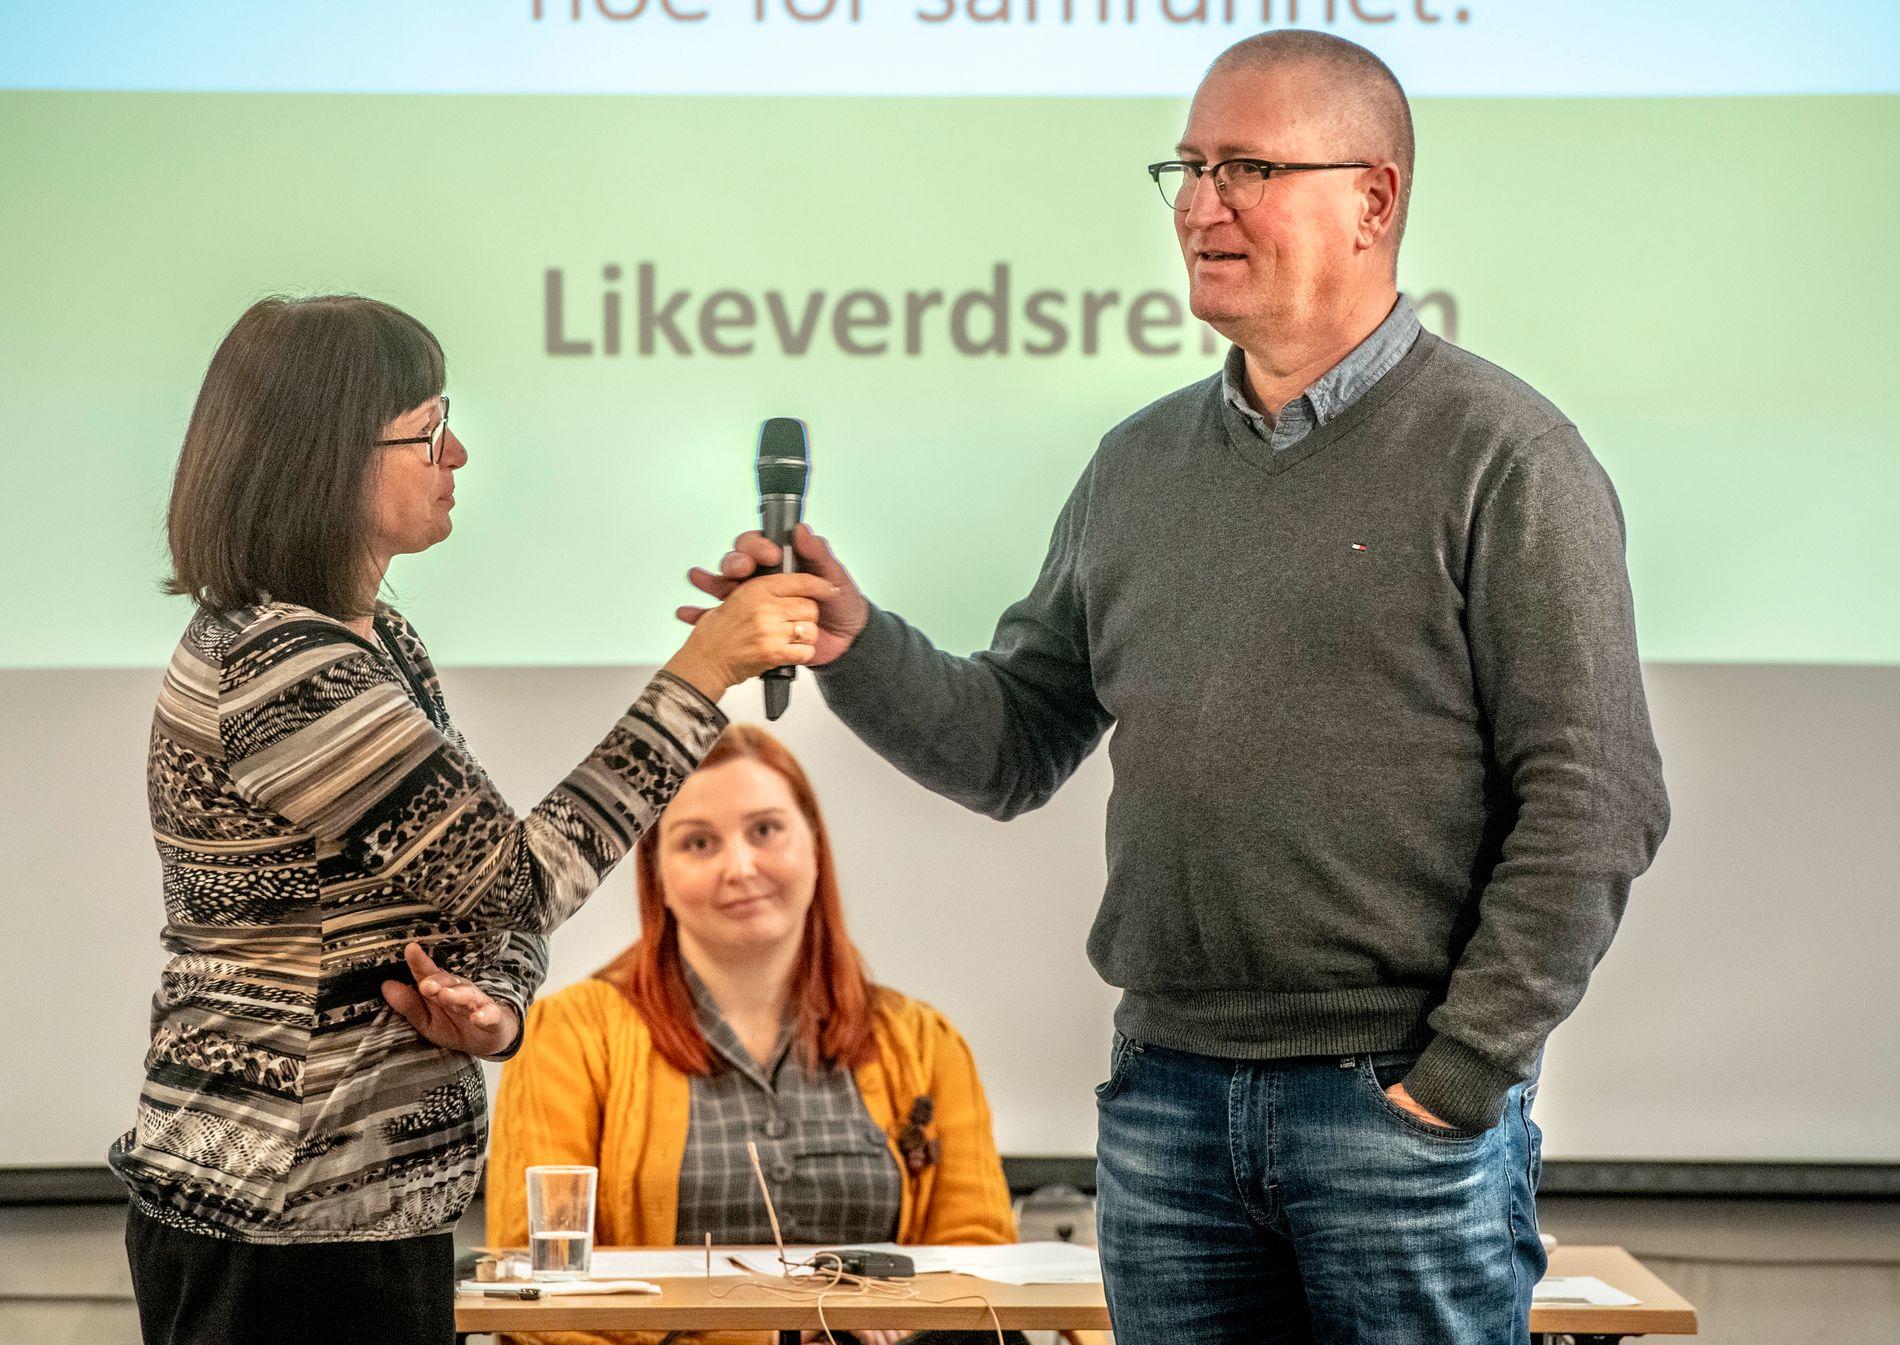 FORSVARER HAREIDE: Knut Arild Hareide vil ikke svare på om han blir sittende som KrF-leder etter 2. november. Stortingsrepresentant Geir Bekkevold (t.v.) forsvarer at Hareide ikke vil avklare det.